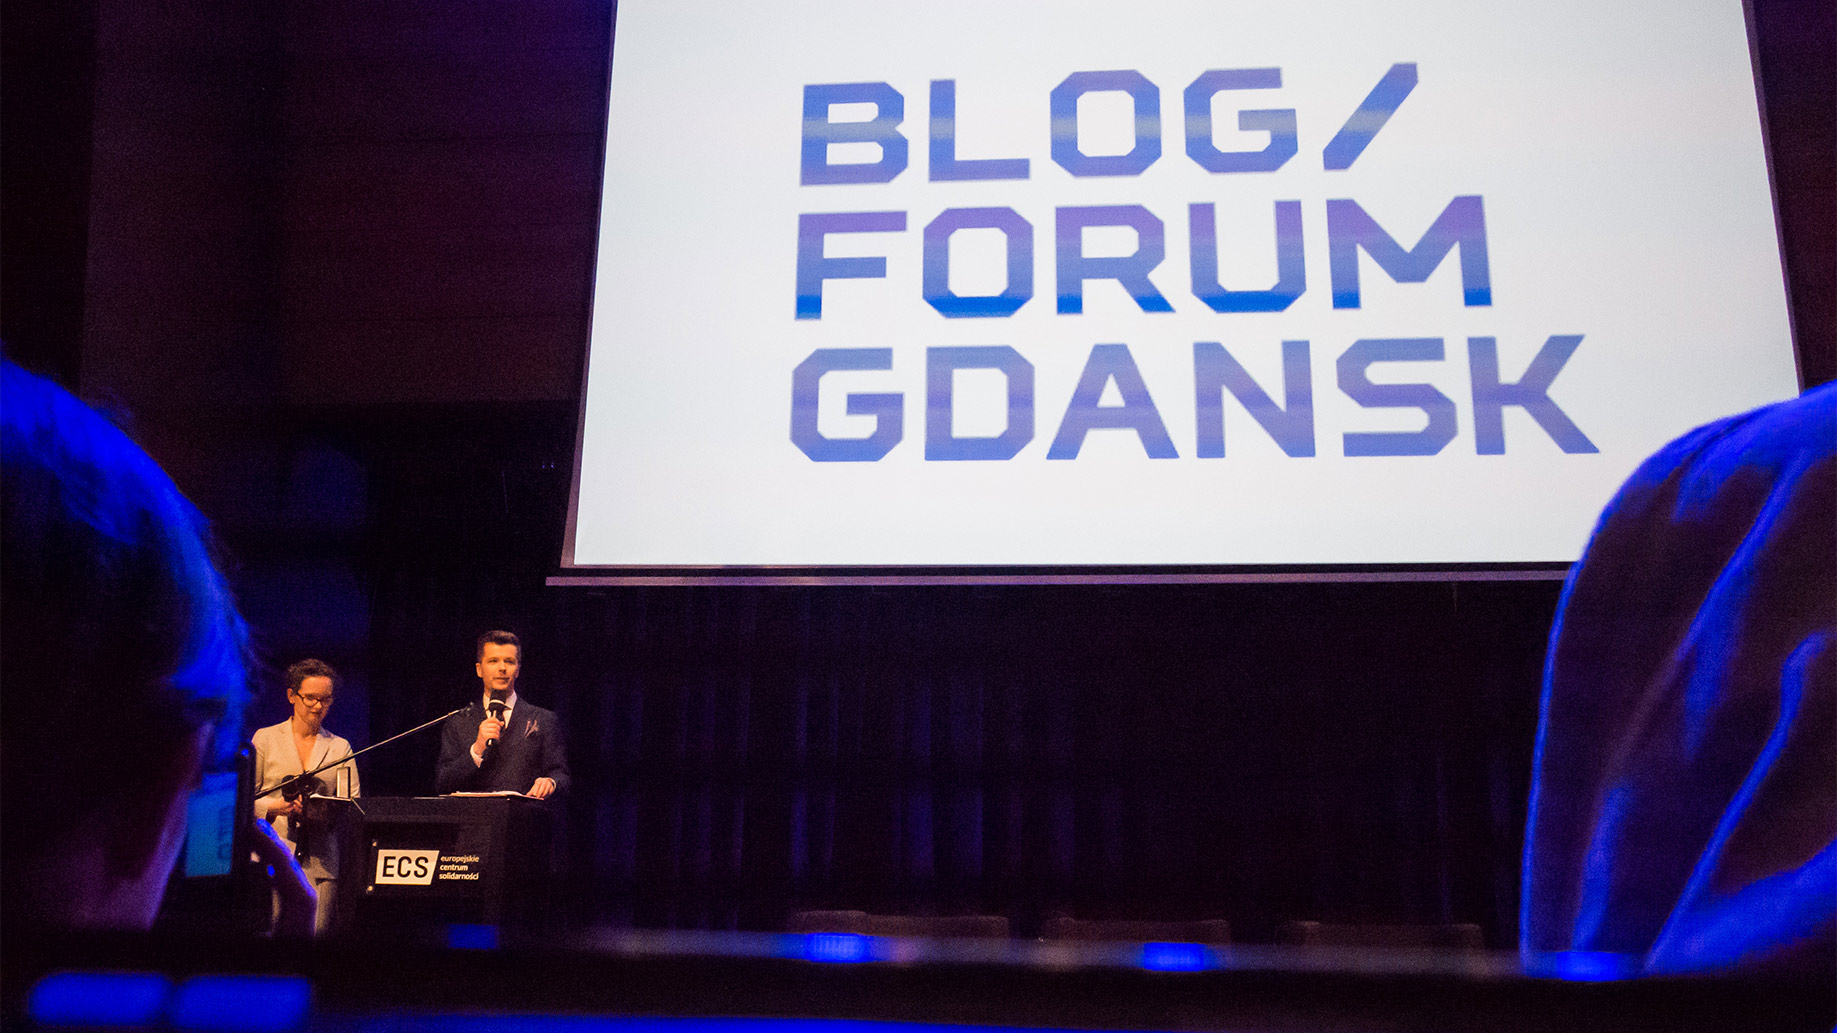 Blog Forum Gdańsk 2017 – czyli Mąż swojej Żony na blogowym haju